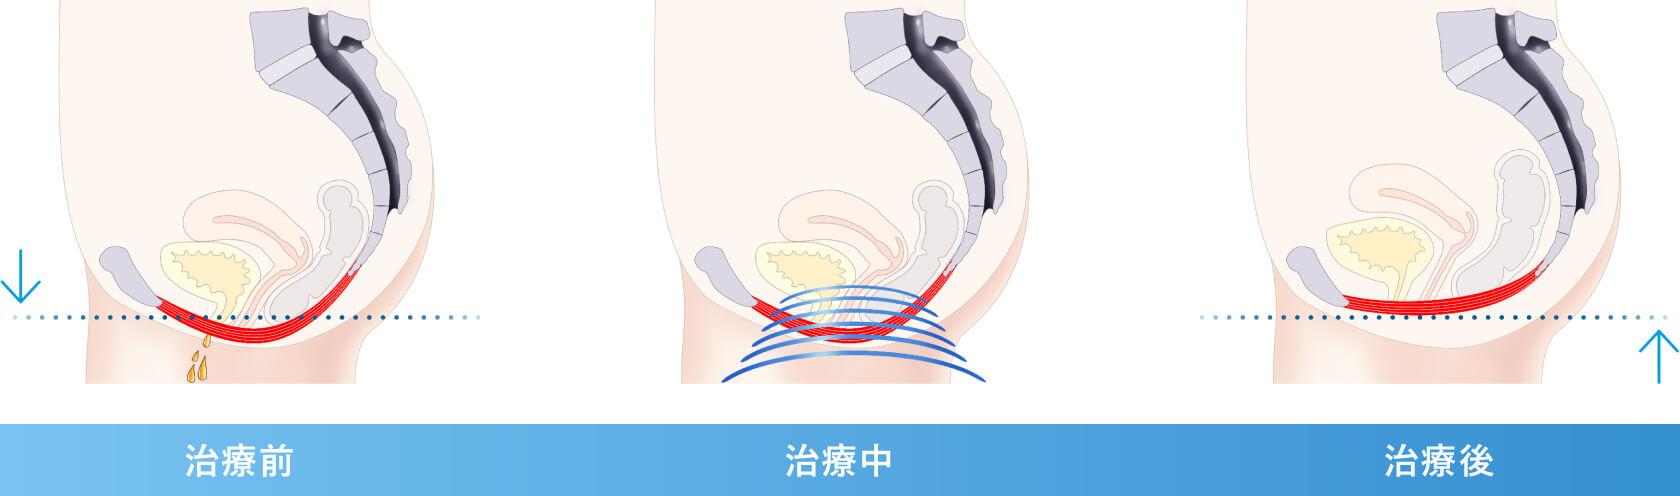 骨盤底筋における変化